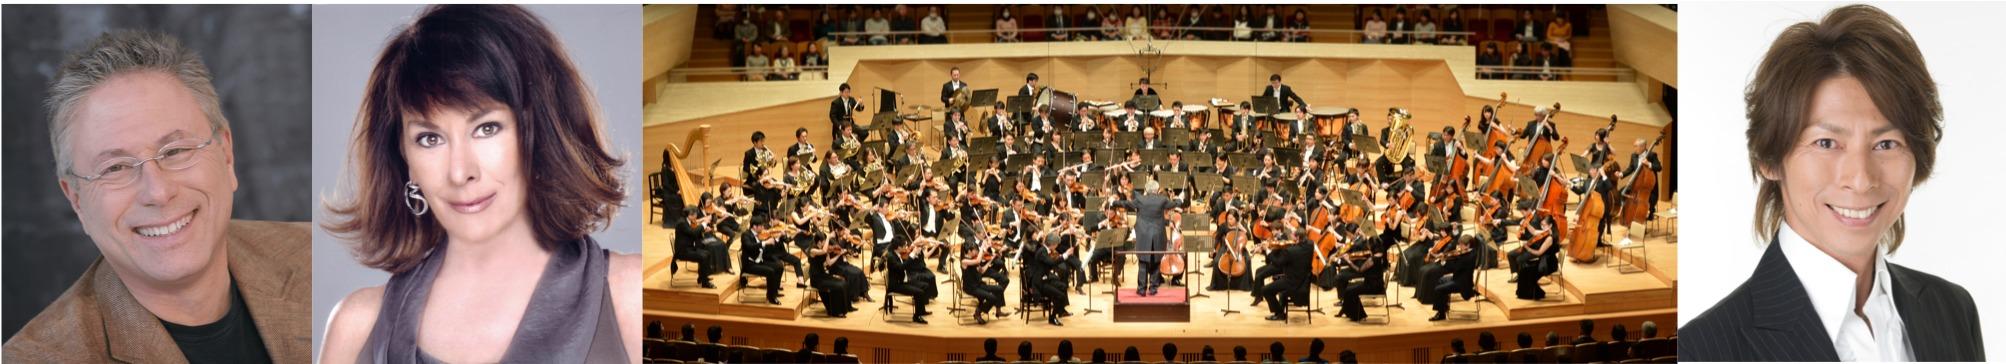 (左から)アラン・メンケン、ペイジ・オハラ、 THE ORCHESTRA JAPAN(オーケストラ)、 ささきフランチェスコ(ナビゲーター)